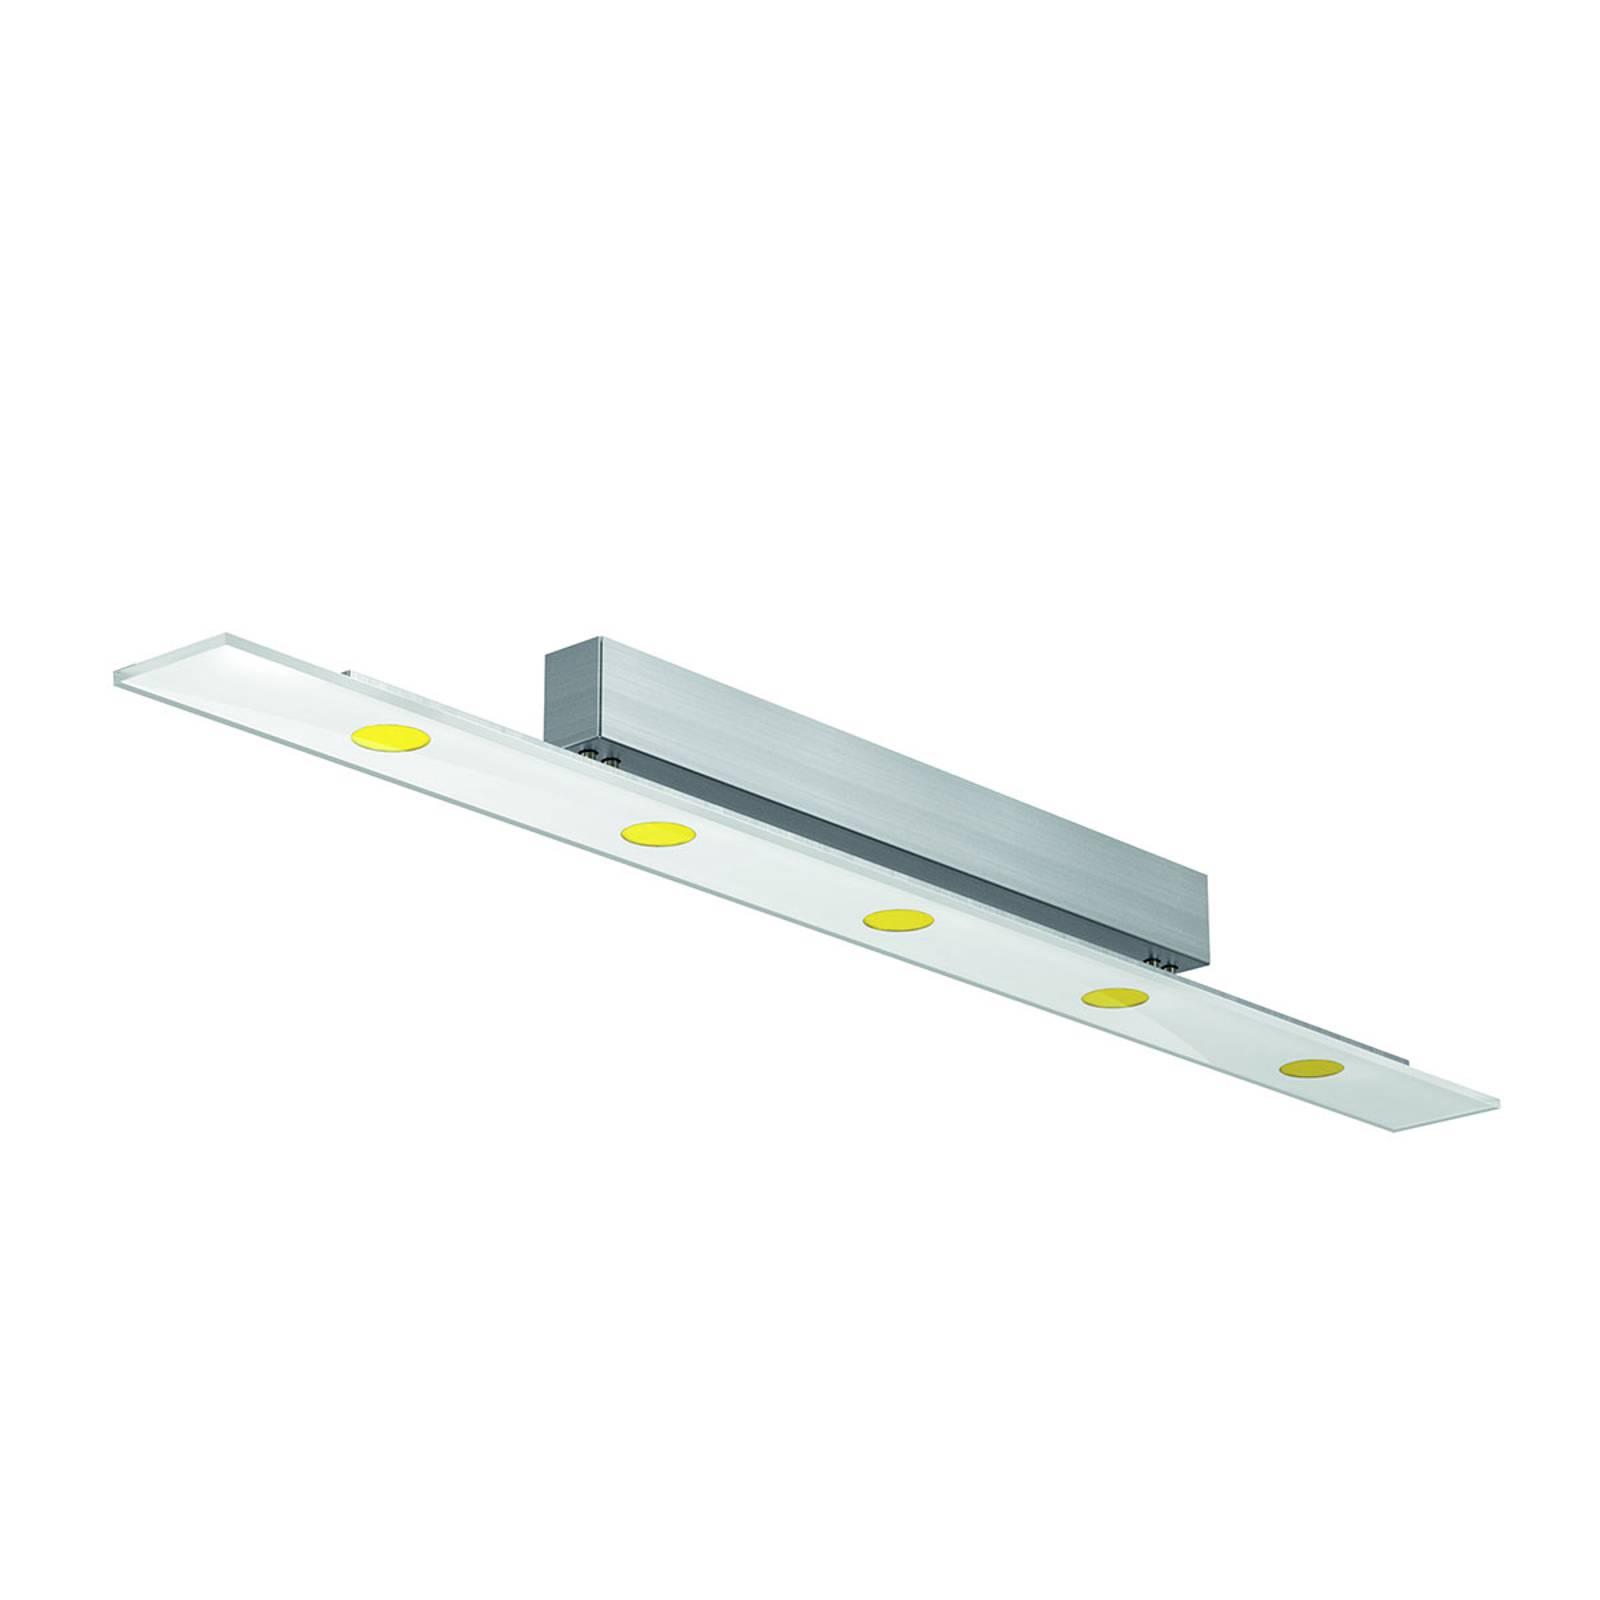 Lampa sufitowa LED Sun ze szkłem ESG 110 cm